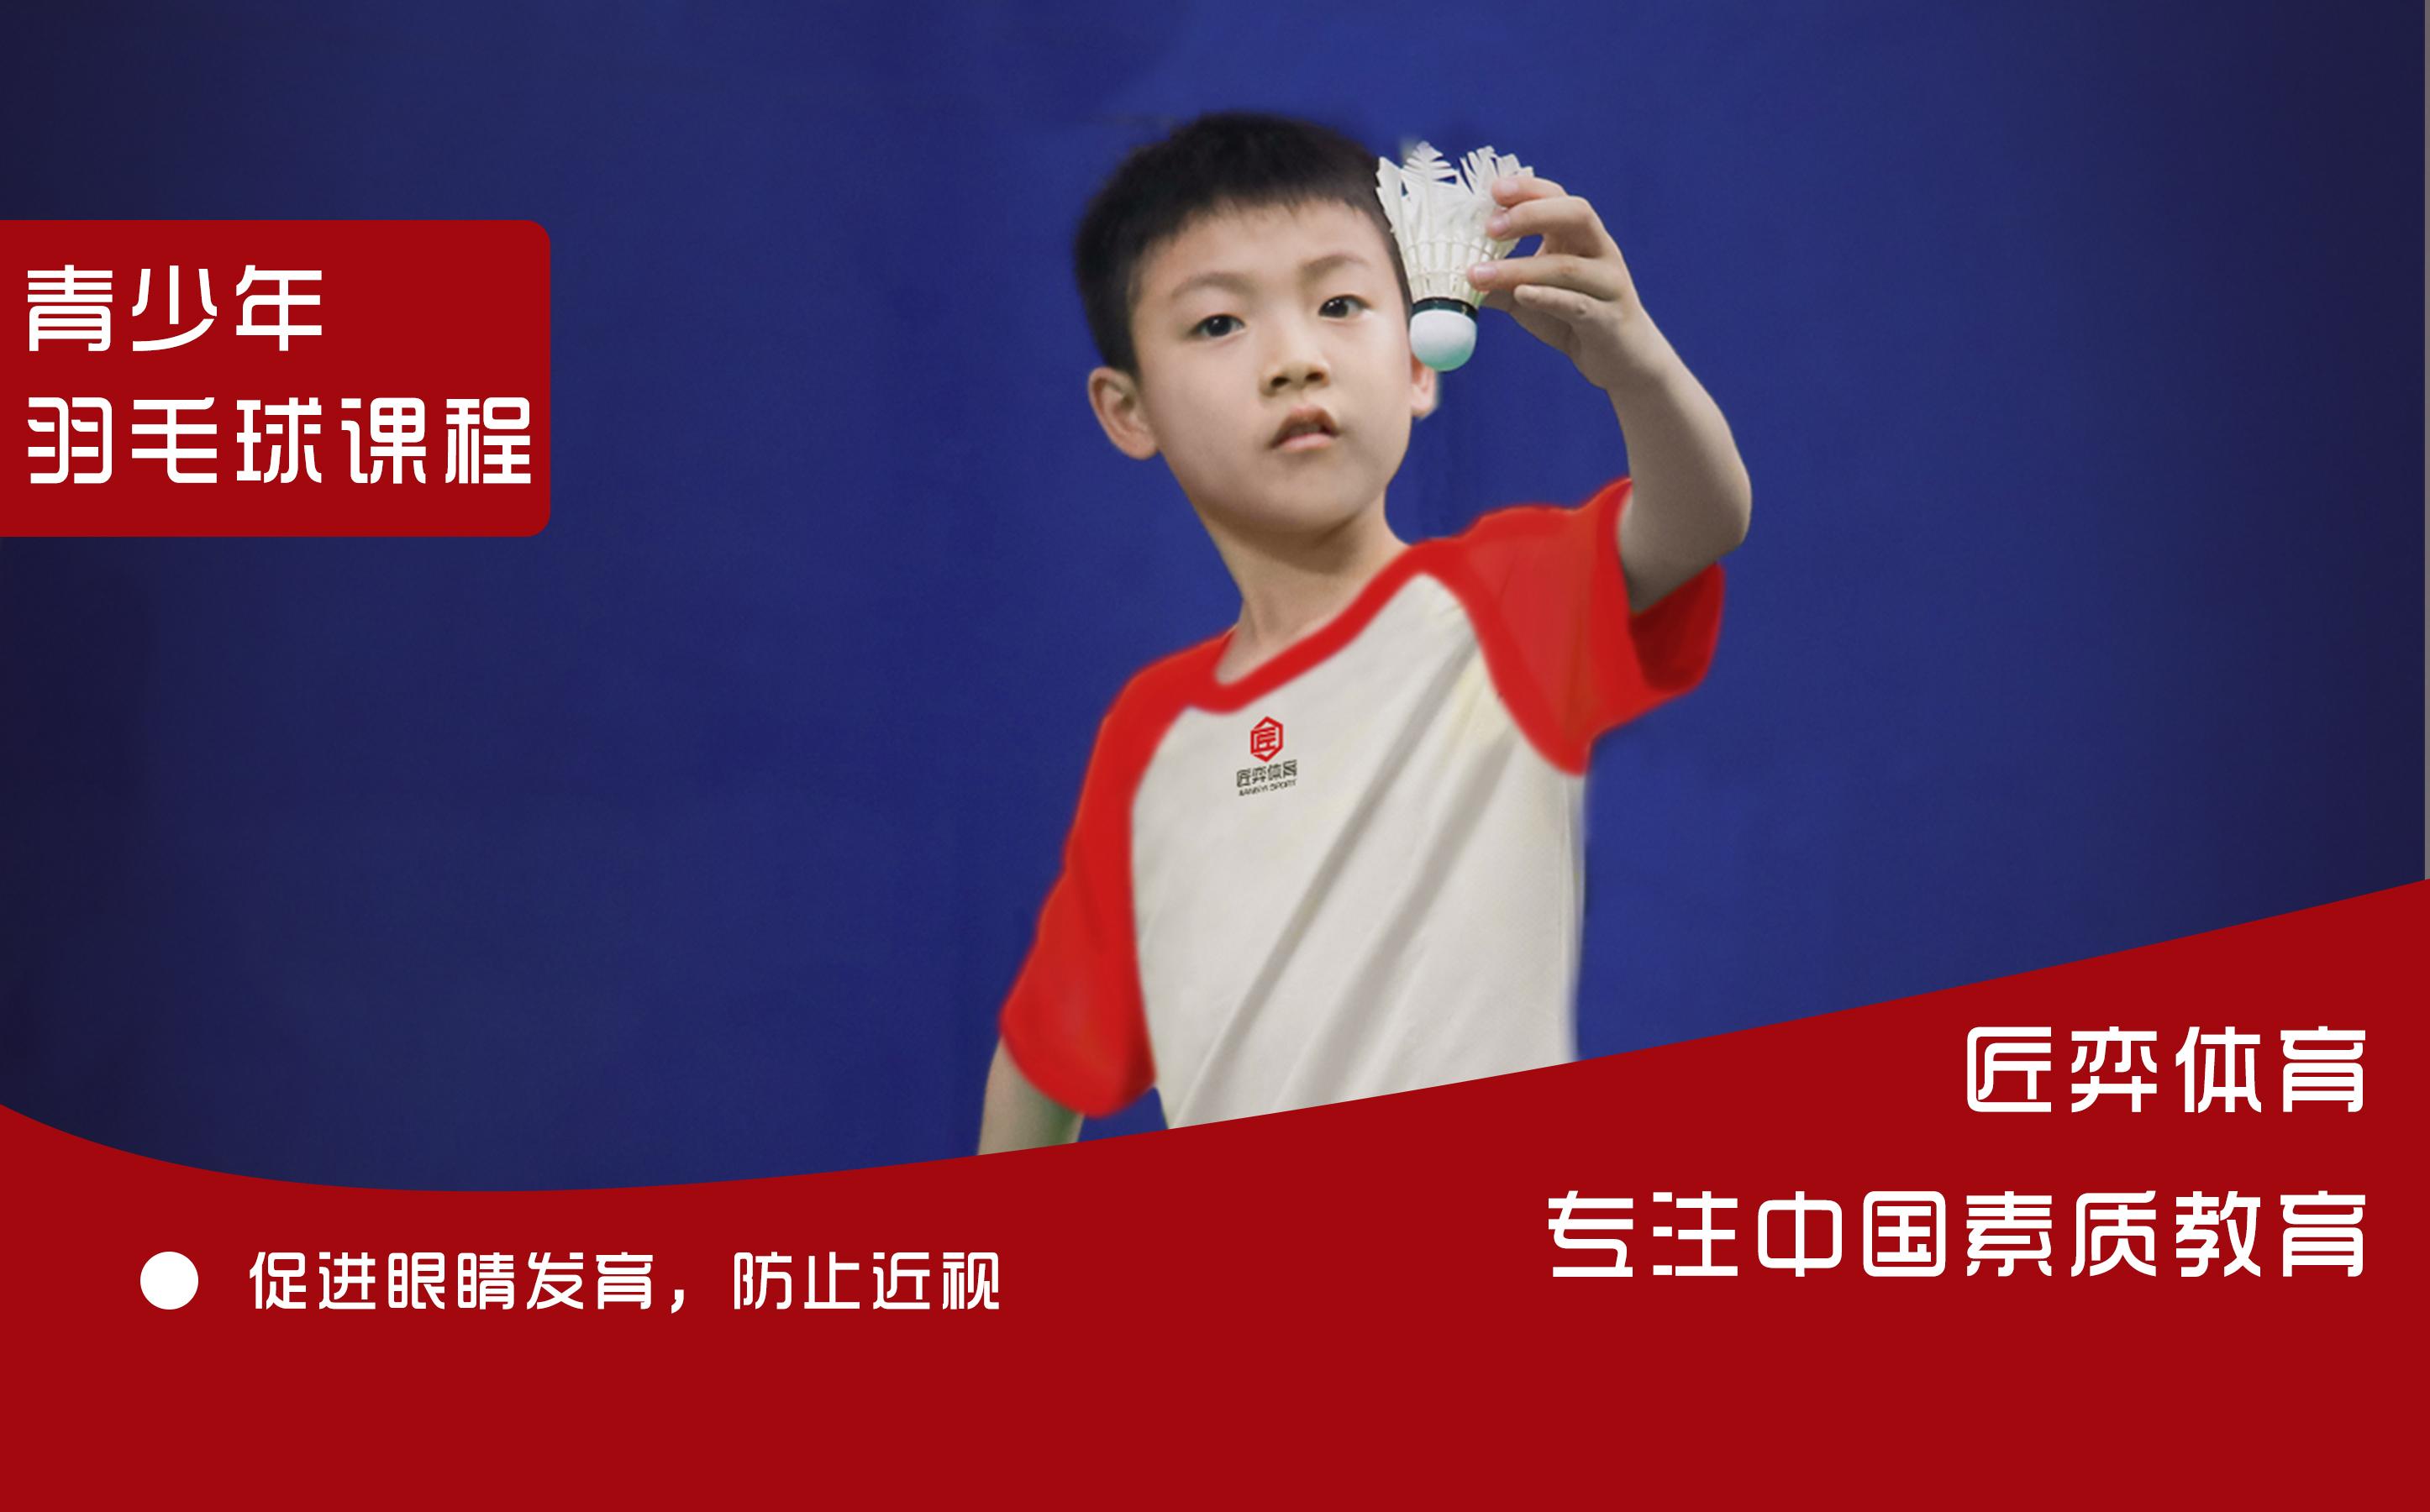 上海匠弈體育上海匠弈青少年羽毛球培訓課程圖片